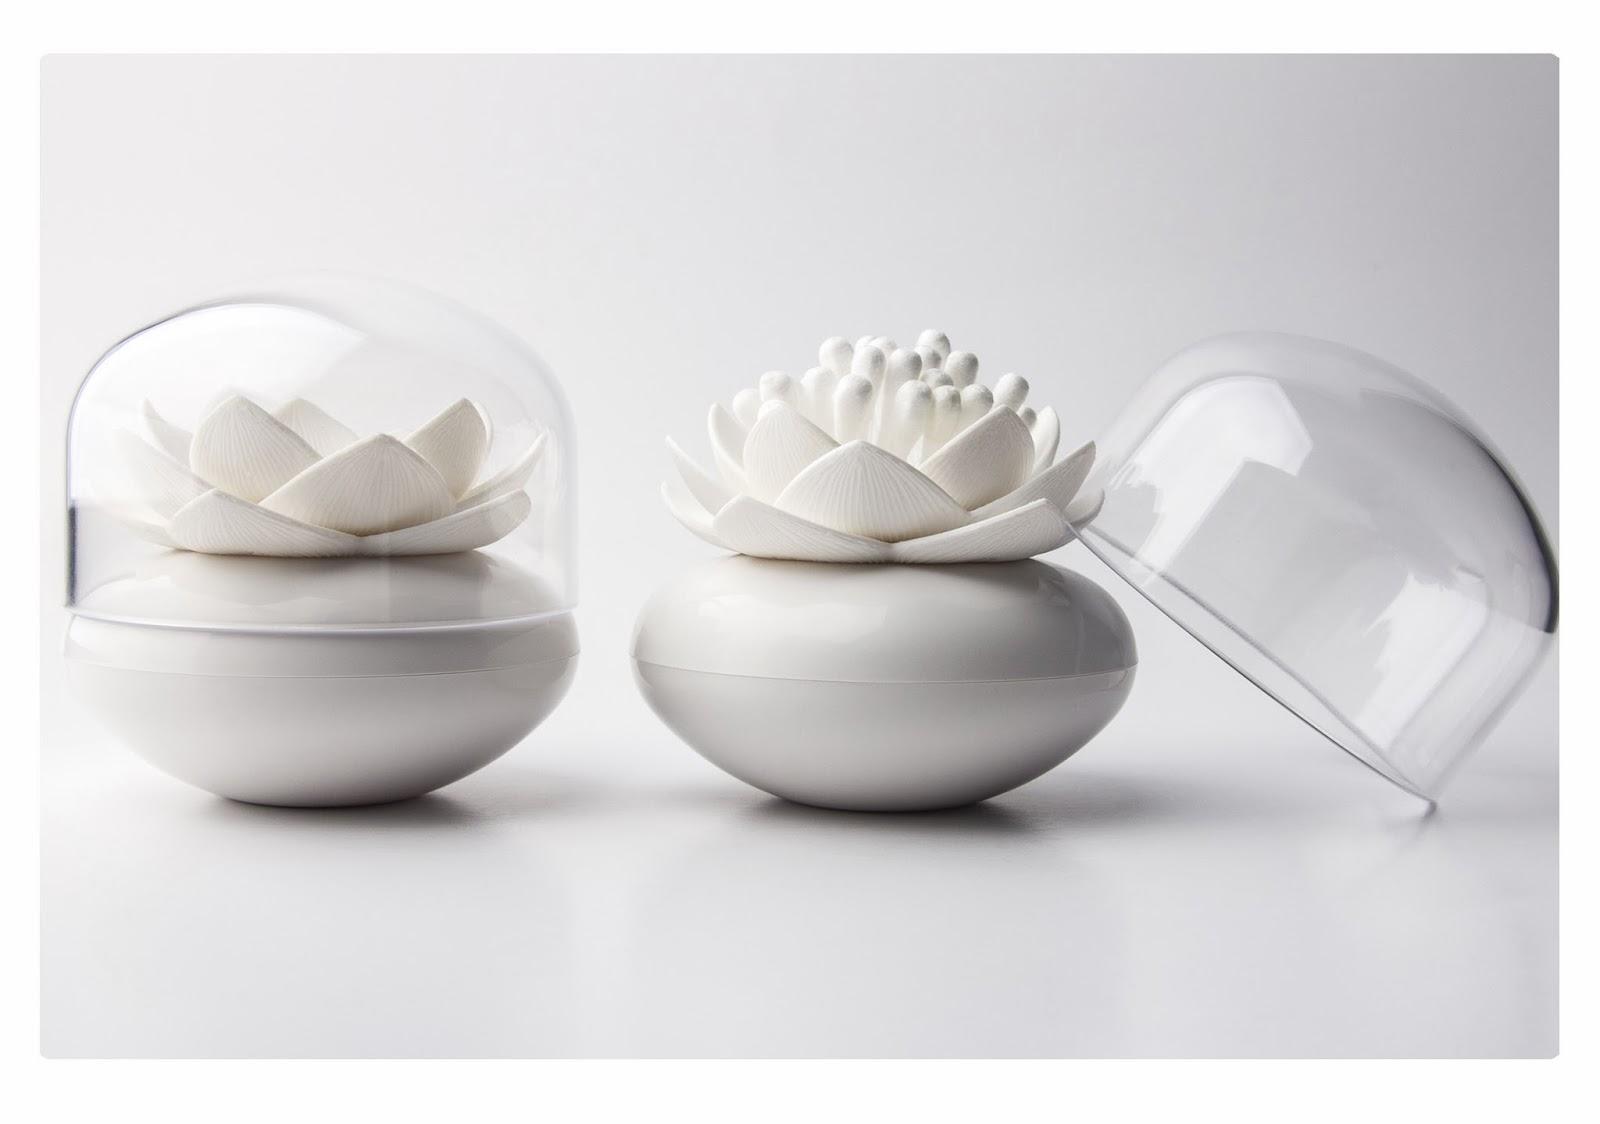 http://www.heartbeats.fr/salle-de-bain-deco/261-lotus-coton-tiges-qualy.html